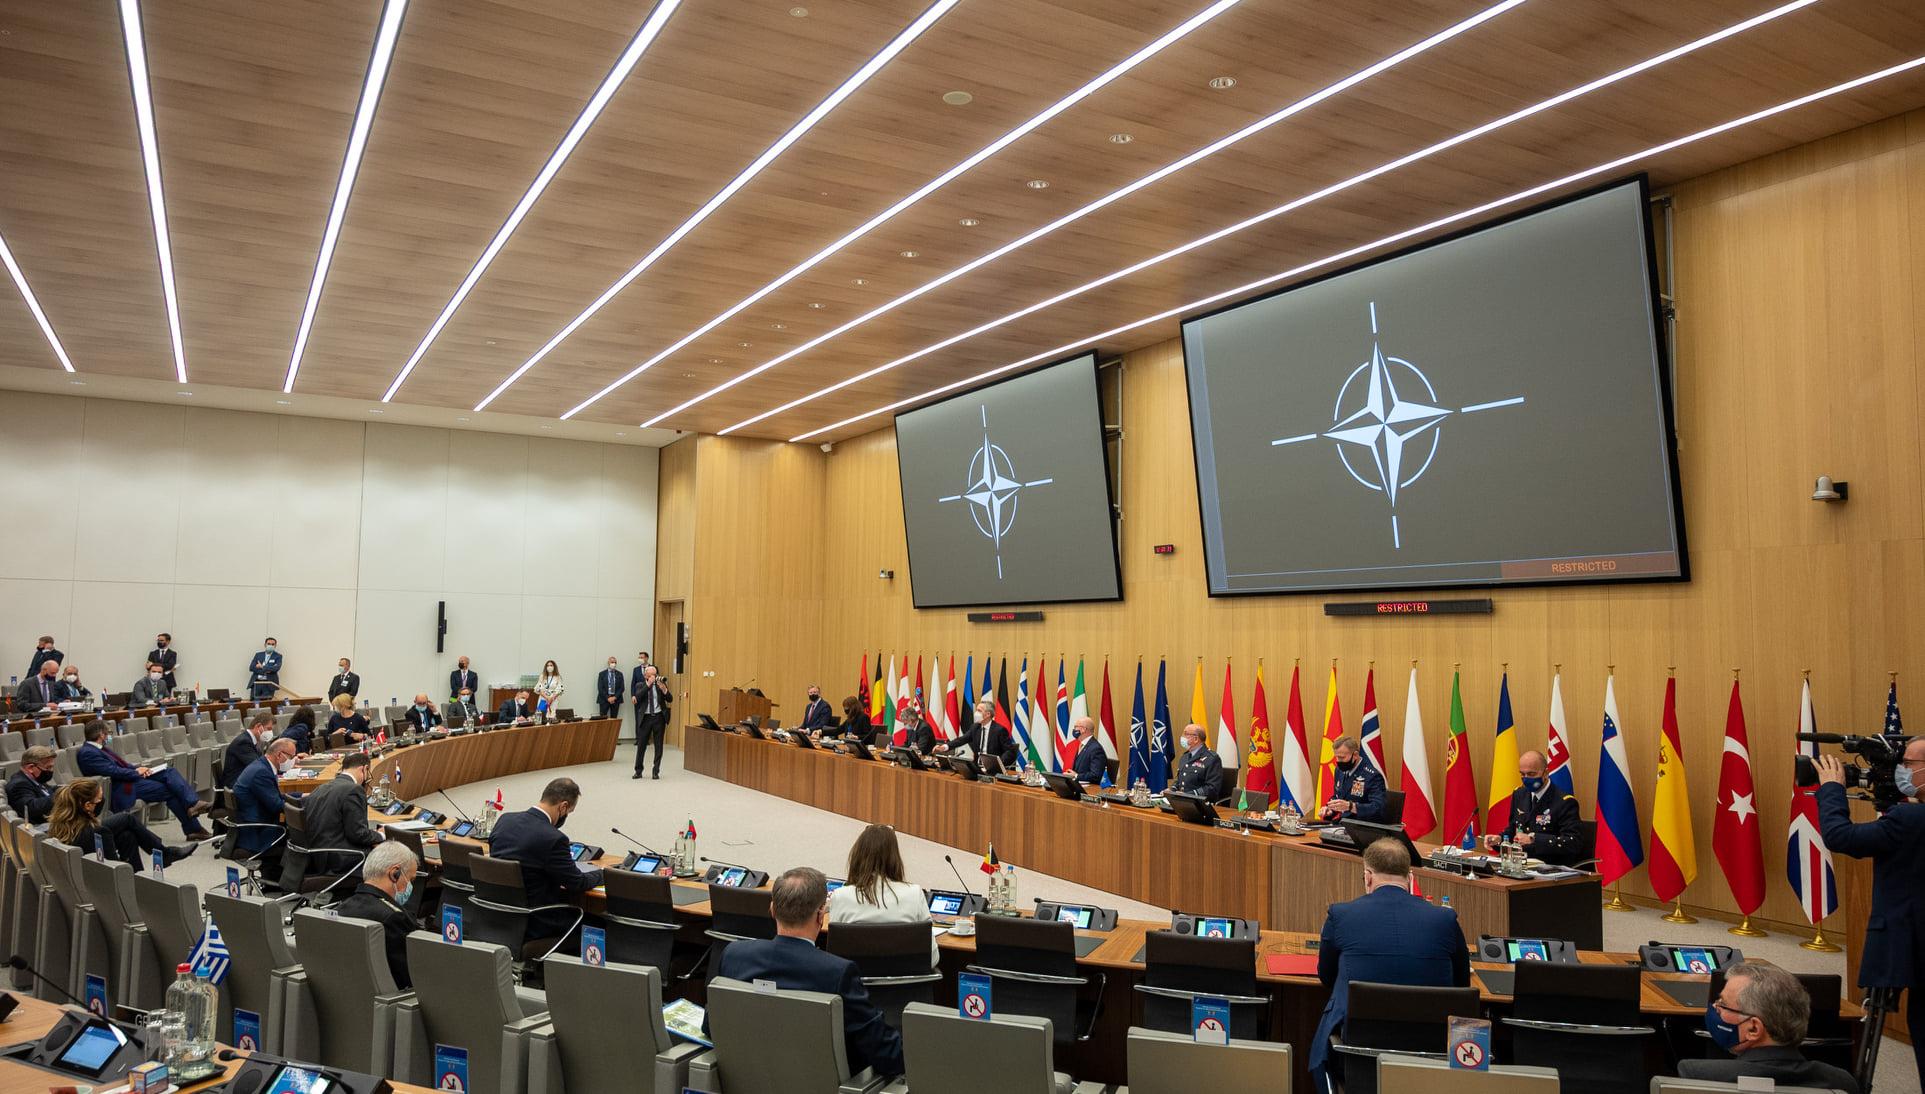 Захарова призвала НАТО заниматься не сдерживанием РФ, а реальными проблемами